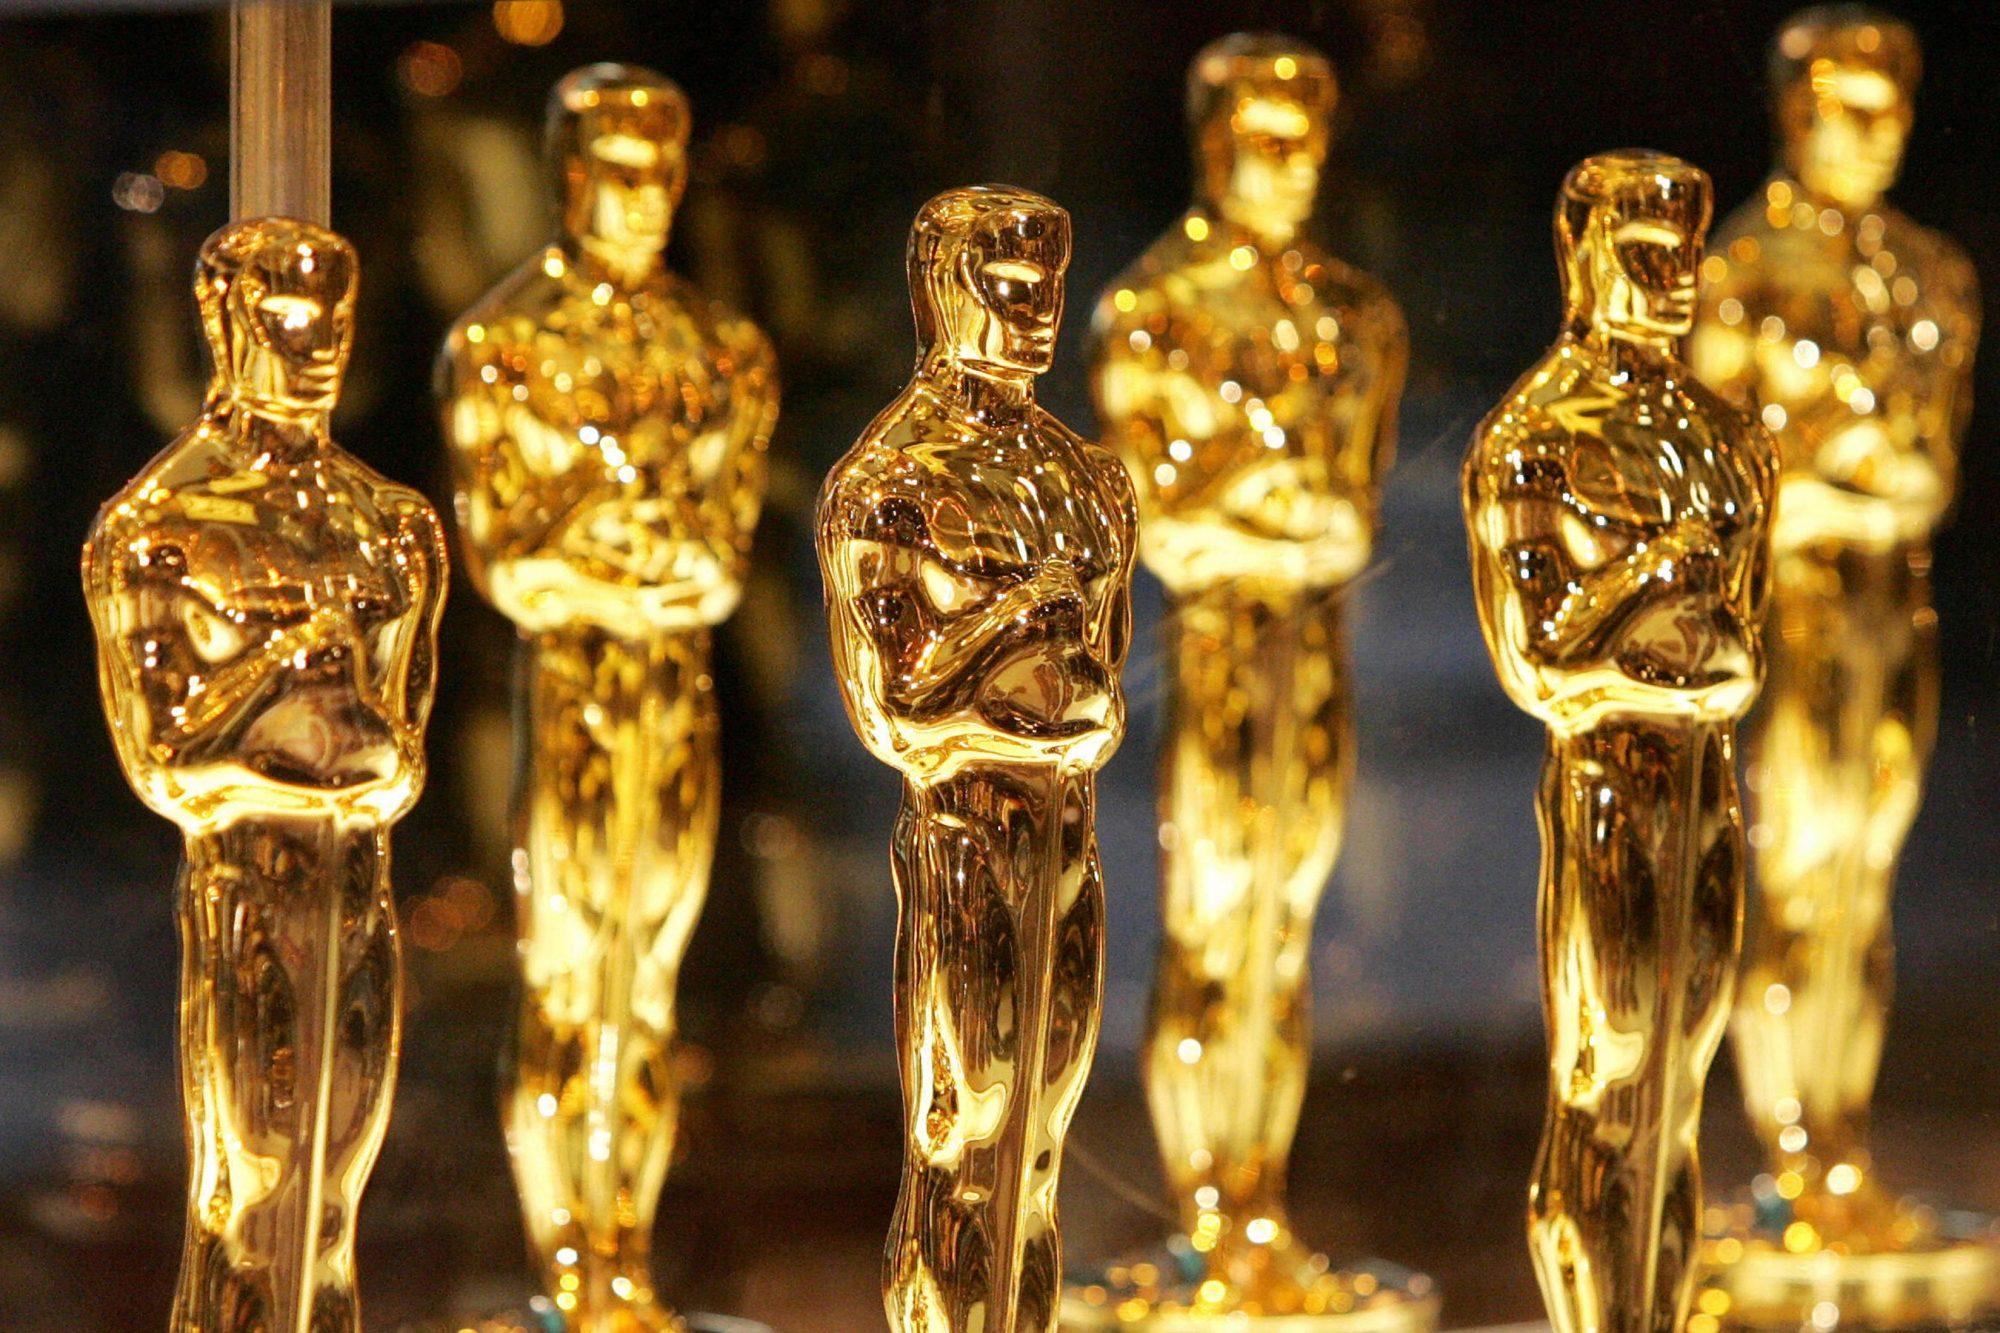 Los Oscar 2021 se transmitirán desde múltiples ubicaciones debido al  coronavirus   Grazia México y Latinoamérica